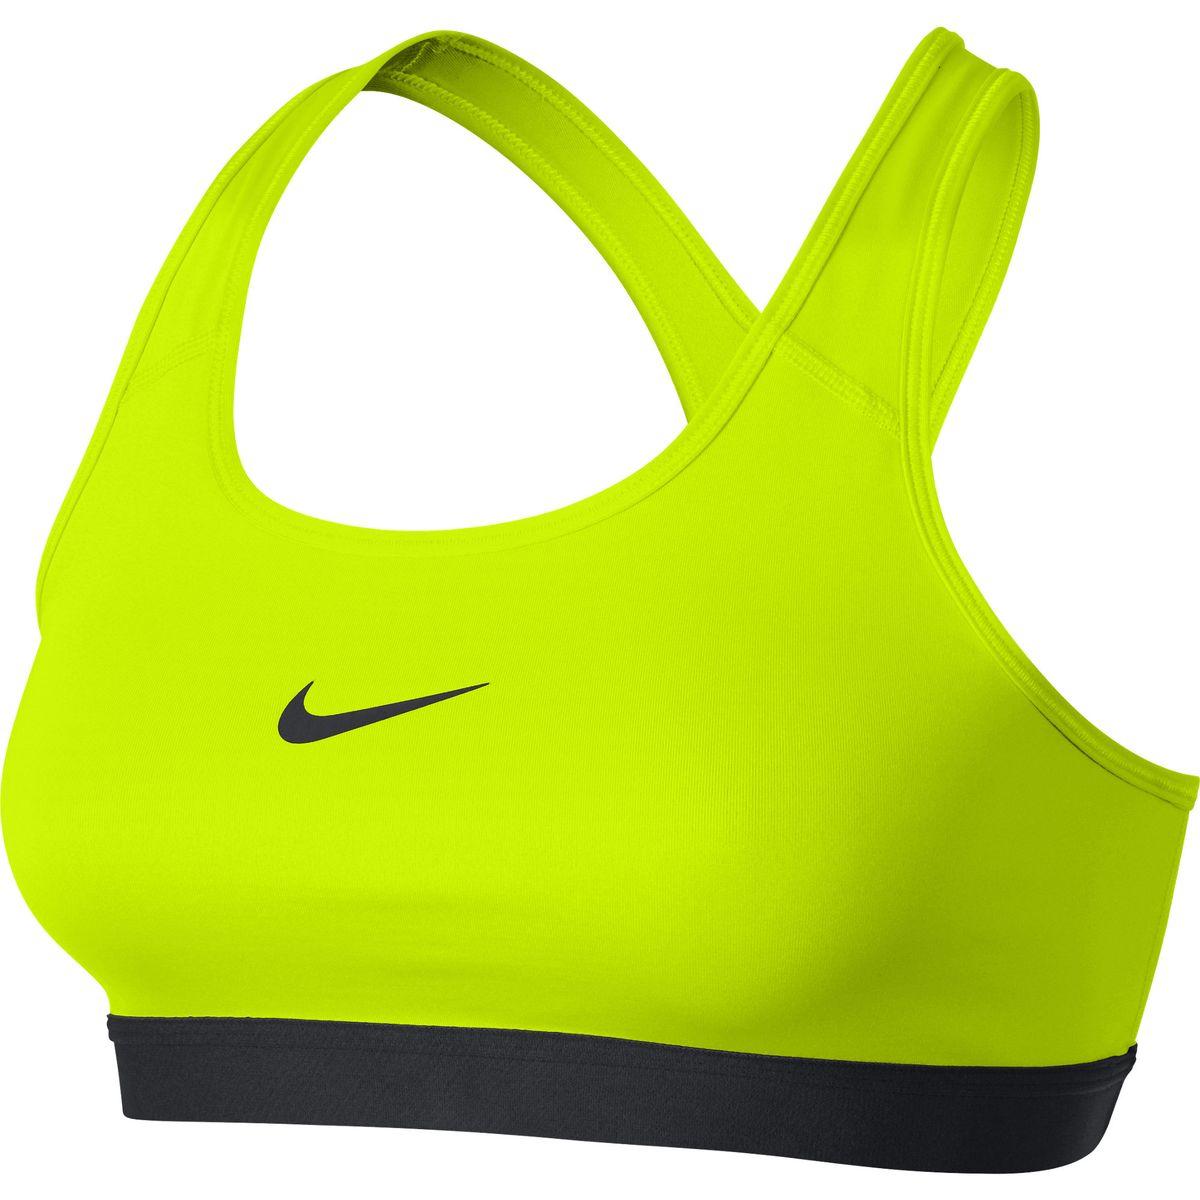 Топ-бра650831-010Спортивный топ от Nike выполнен из гладкого эластичного трикотажа черного цвета. Технология Dry-Fit отводит лишнюю влагу во время активности и позволяет коже дышать. Детали: круглый вырез, спинка-борцовка, эластичный нижний кант.